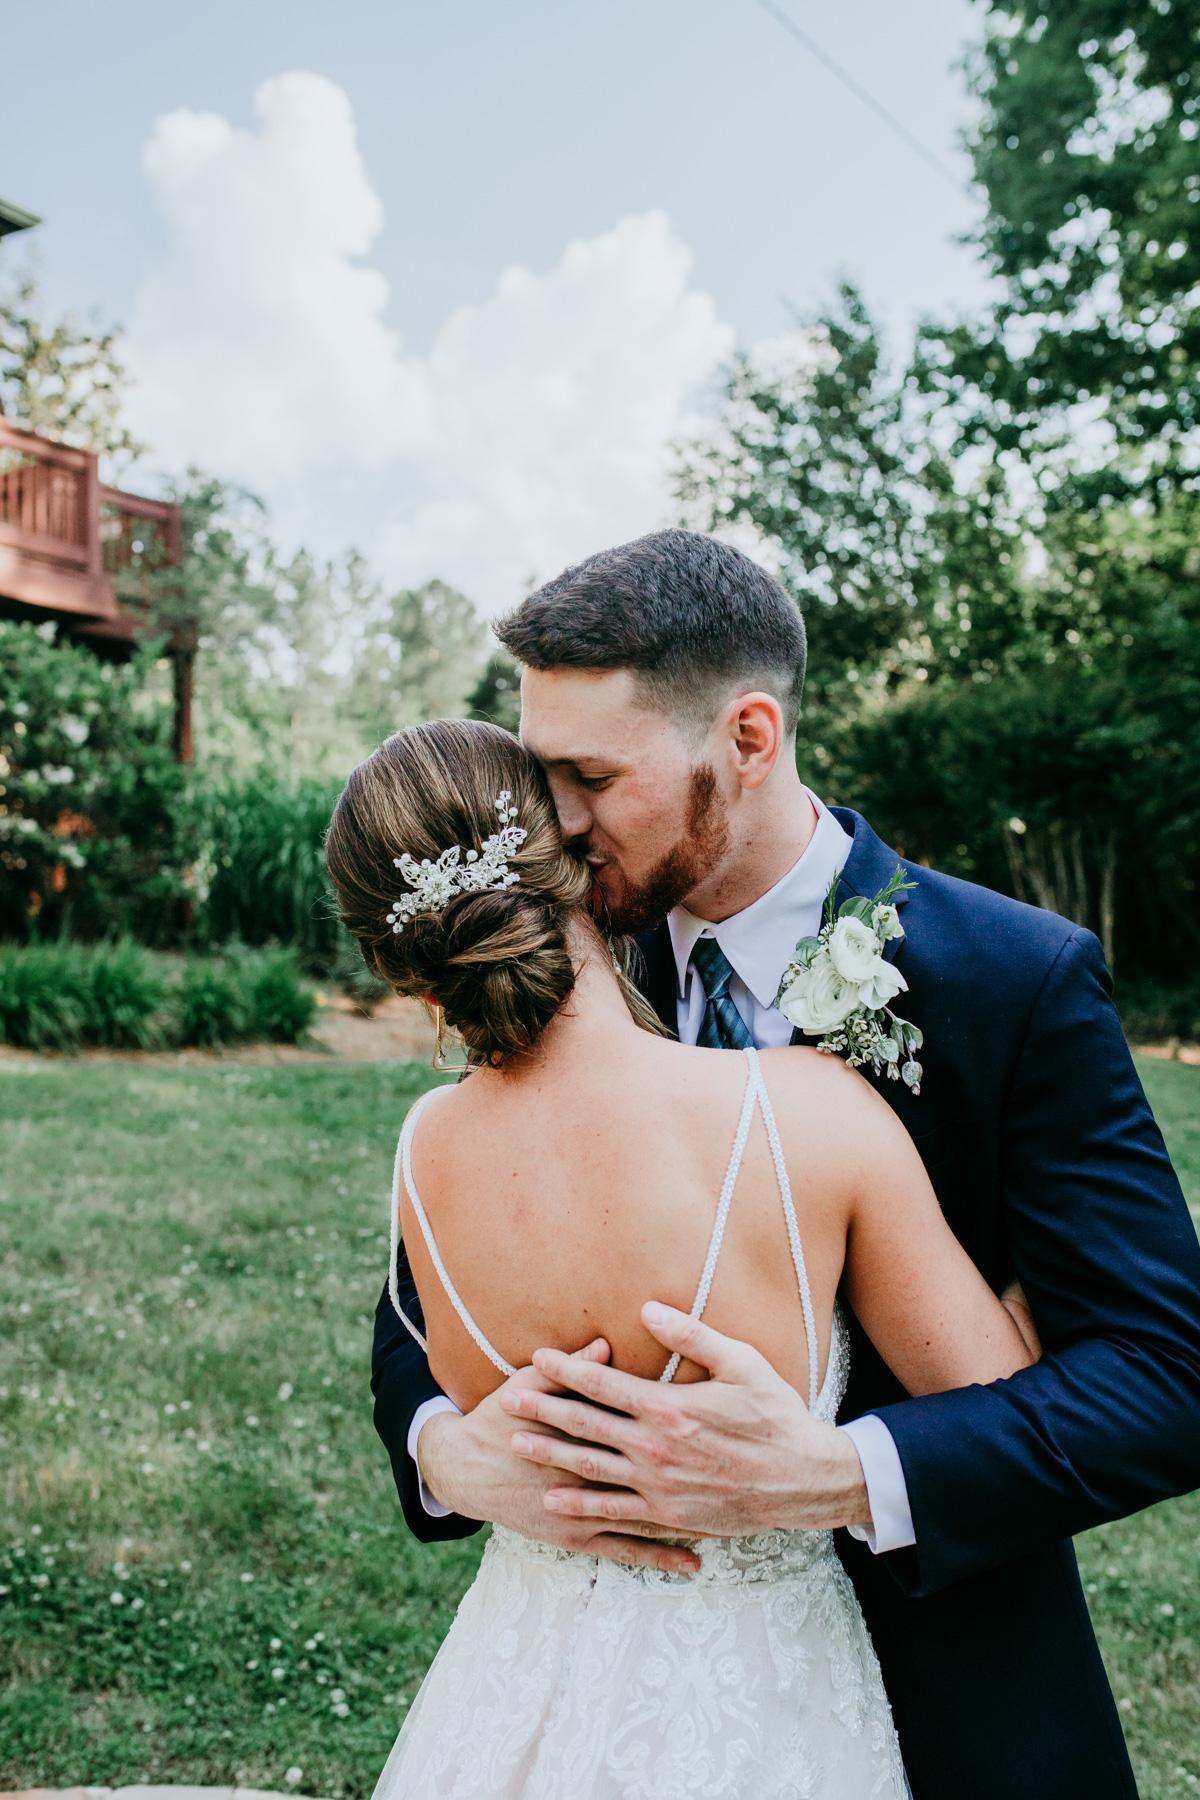 unique-wedding-photos-of-bride-and-groom.jpg